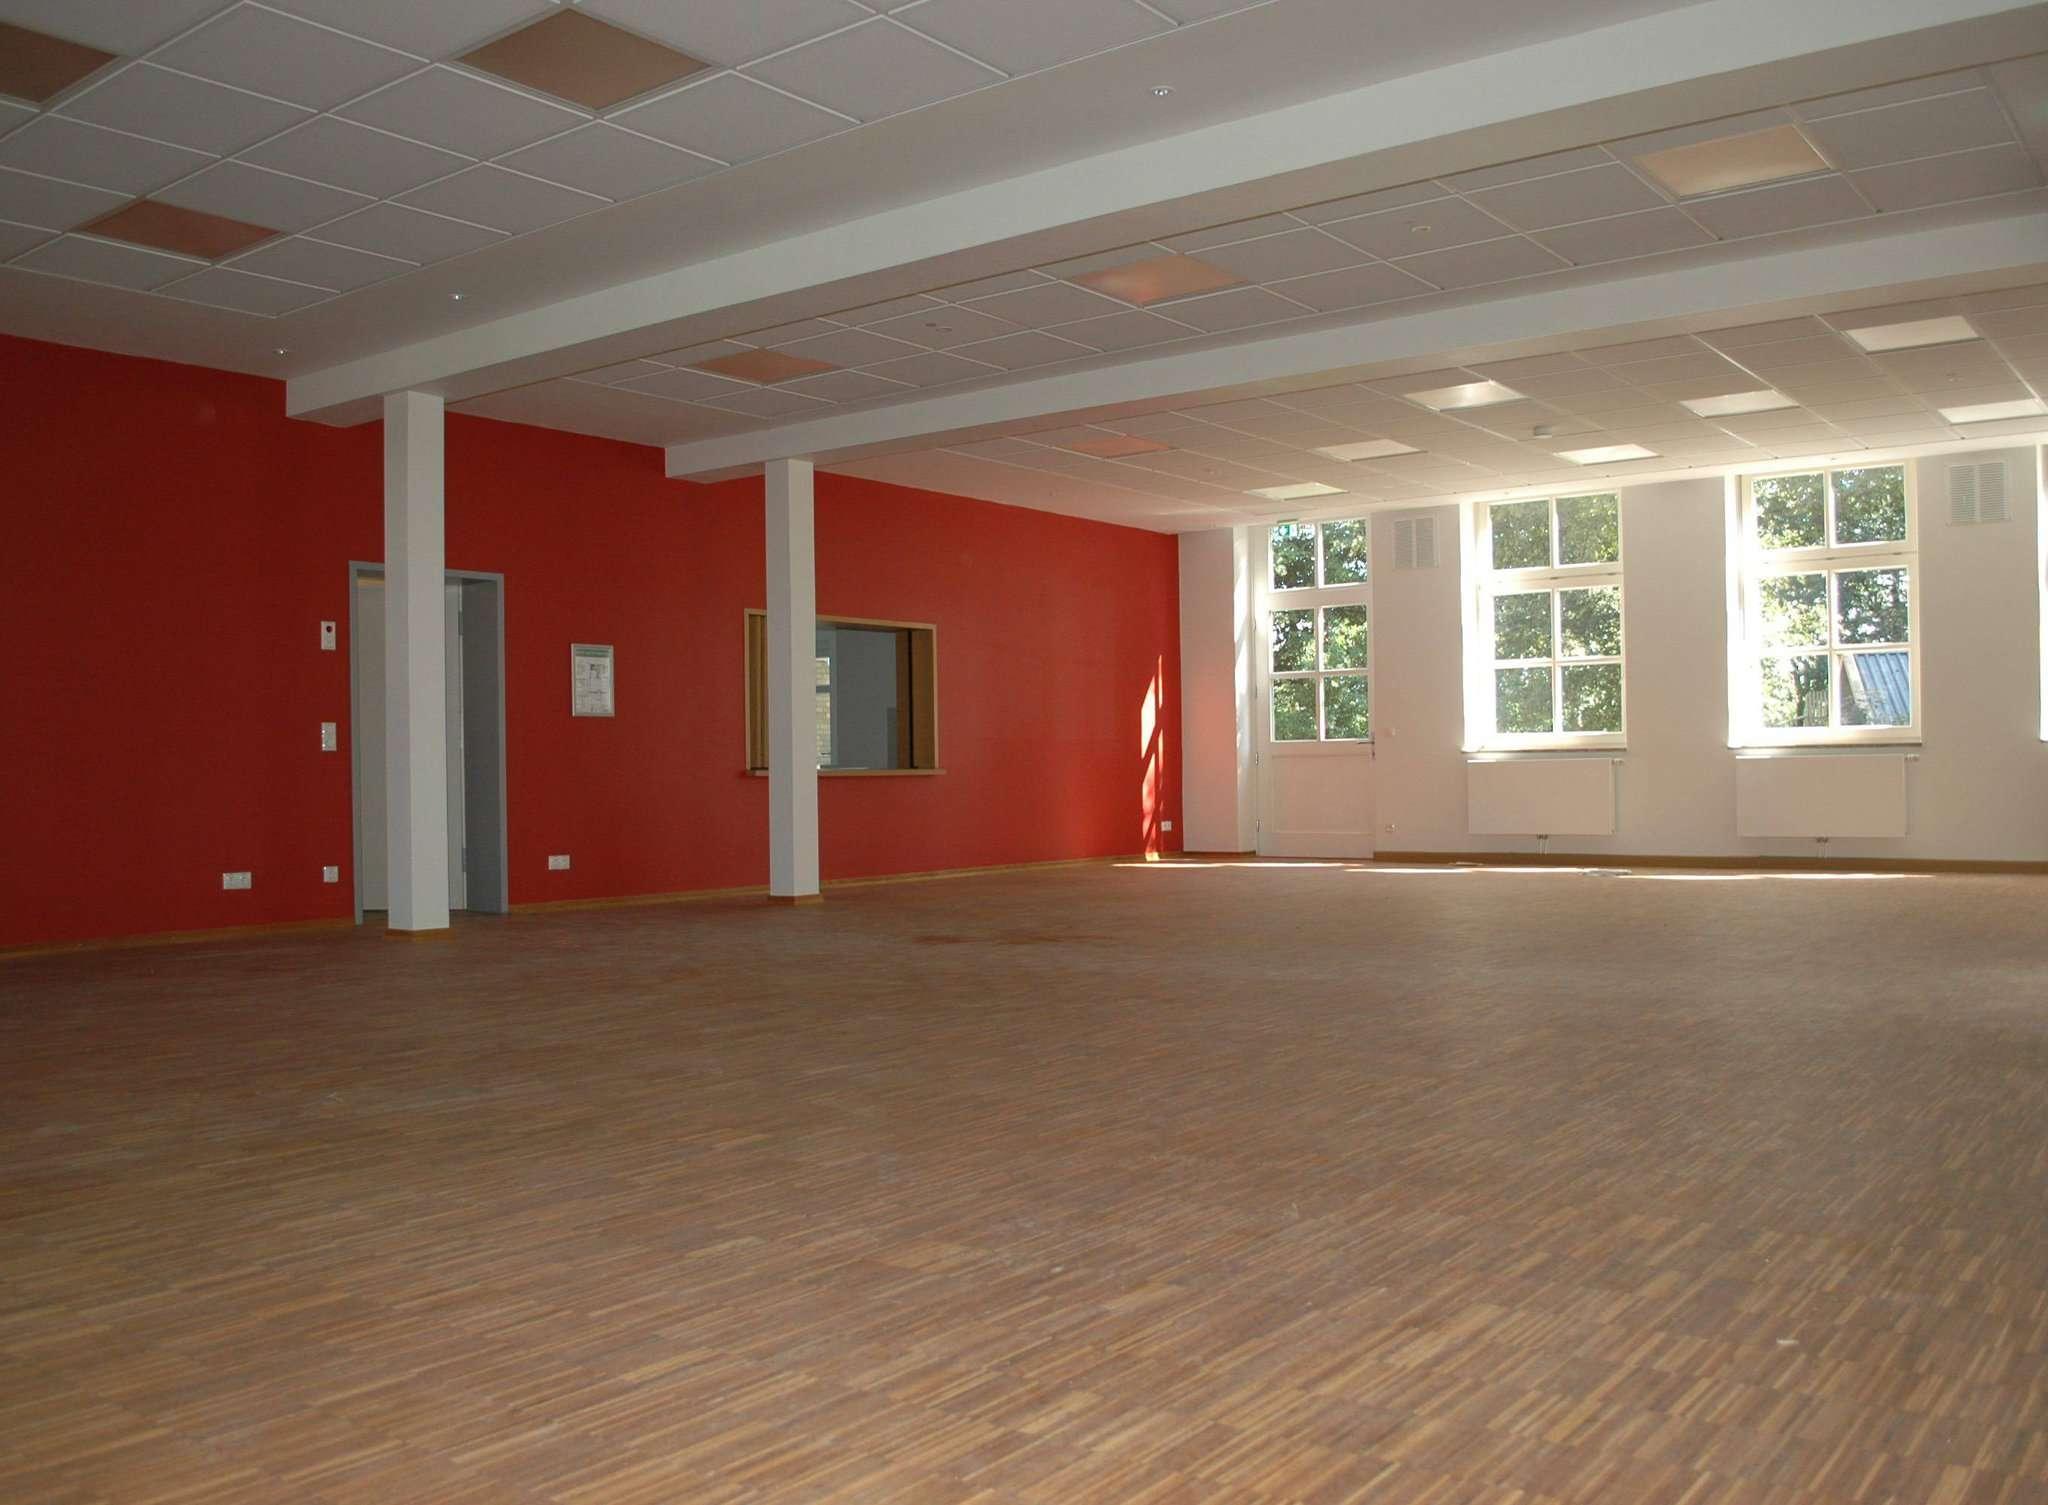 Heller, weiter und in neuen Farben erstrahlt der große Saal des Dorfgemeinschaftshauses von Westervesede. Die Durchreiche bleibt auf Wunsch vieler Bürger im alten Stil erhalten. Fotos: Jens Lou00ebs